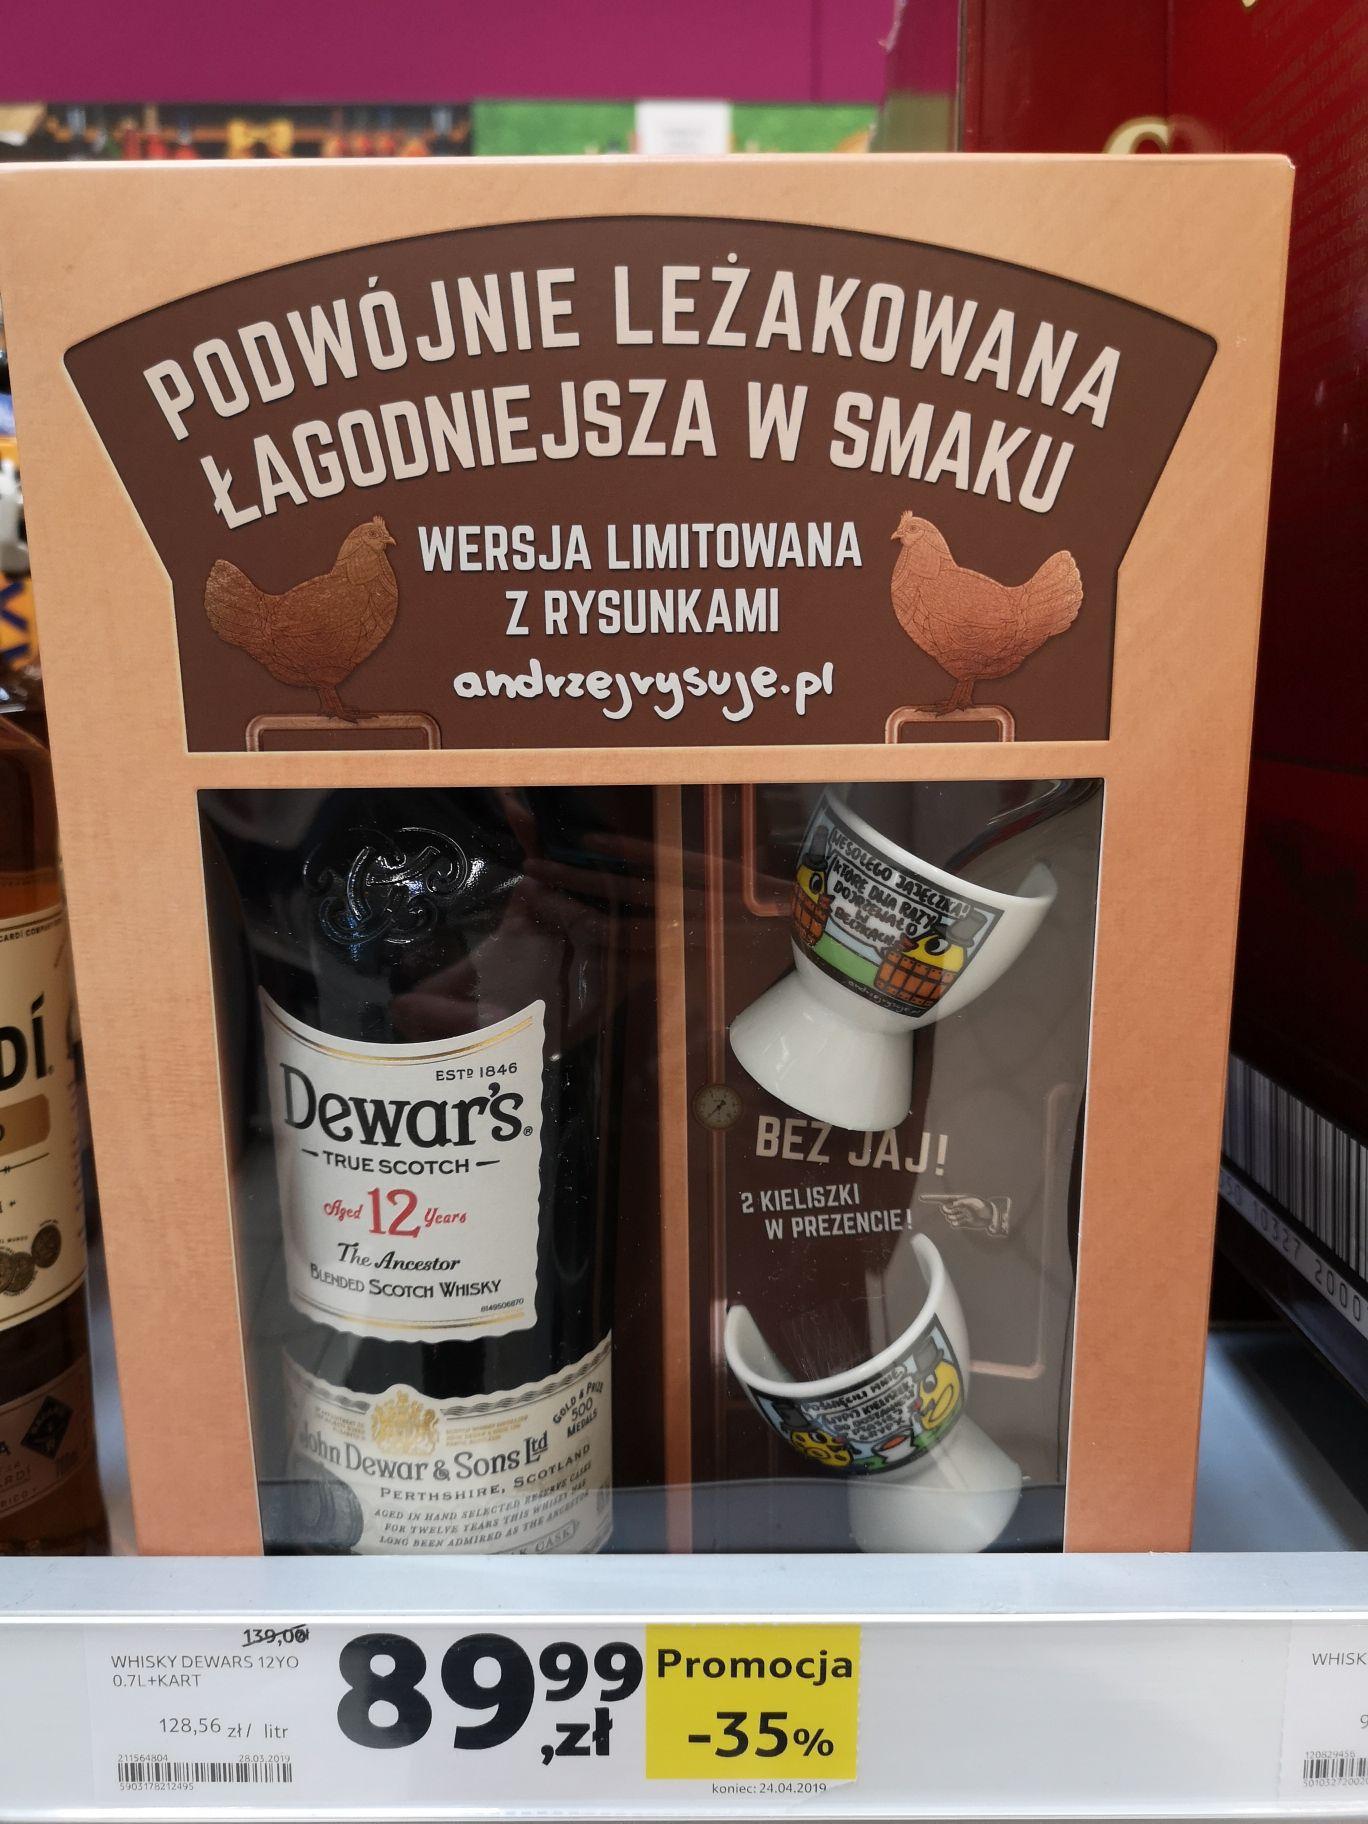 Ciekawa 12 letnia whisky Dewar's. Tesco Wawa